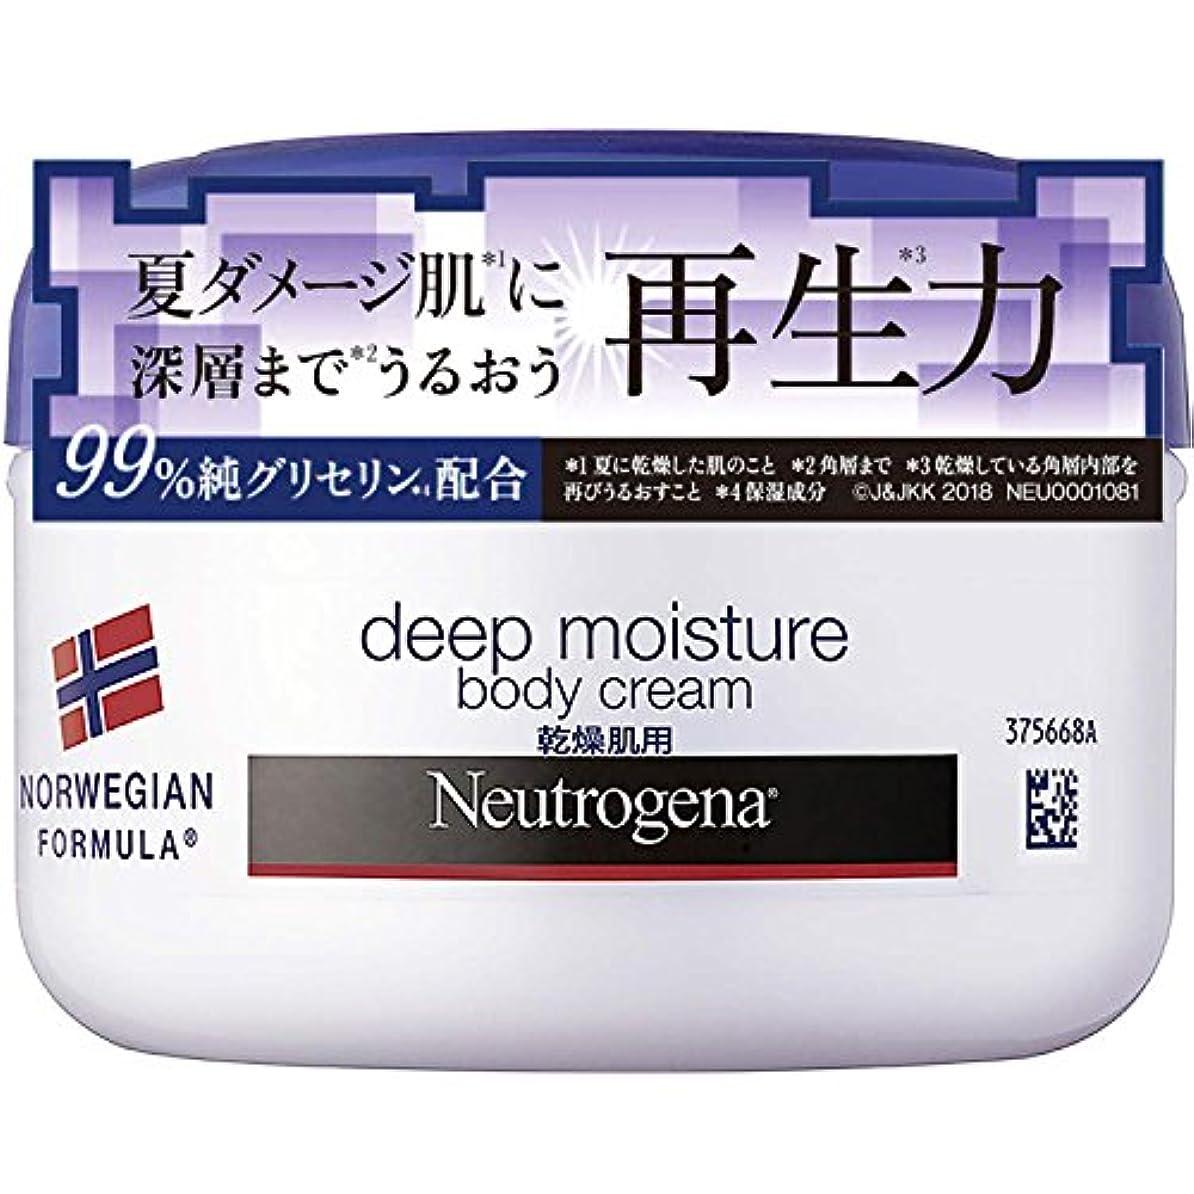 レポートを書くノベルティ雰囲気Neutrogena(ニュートロジーナ) ノルウェーフォーミュラ ディープモイスチャー ボディクリーム 乾燥肌用 微香性 200ml